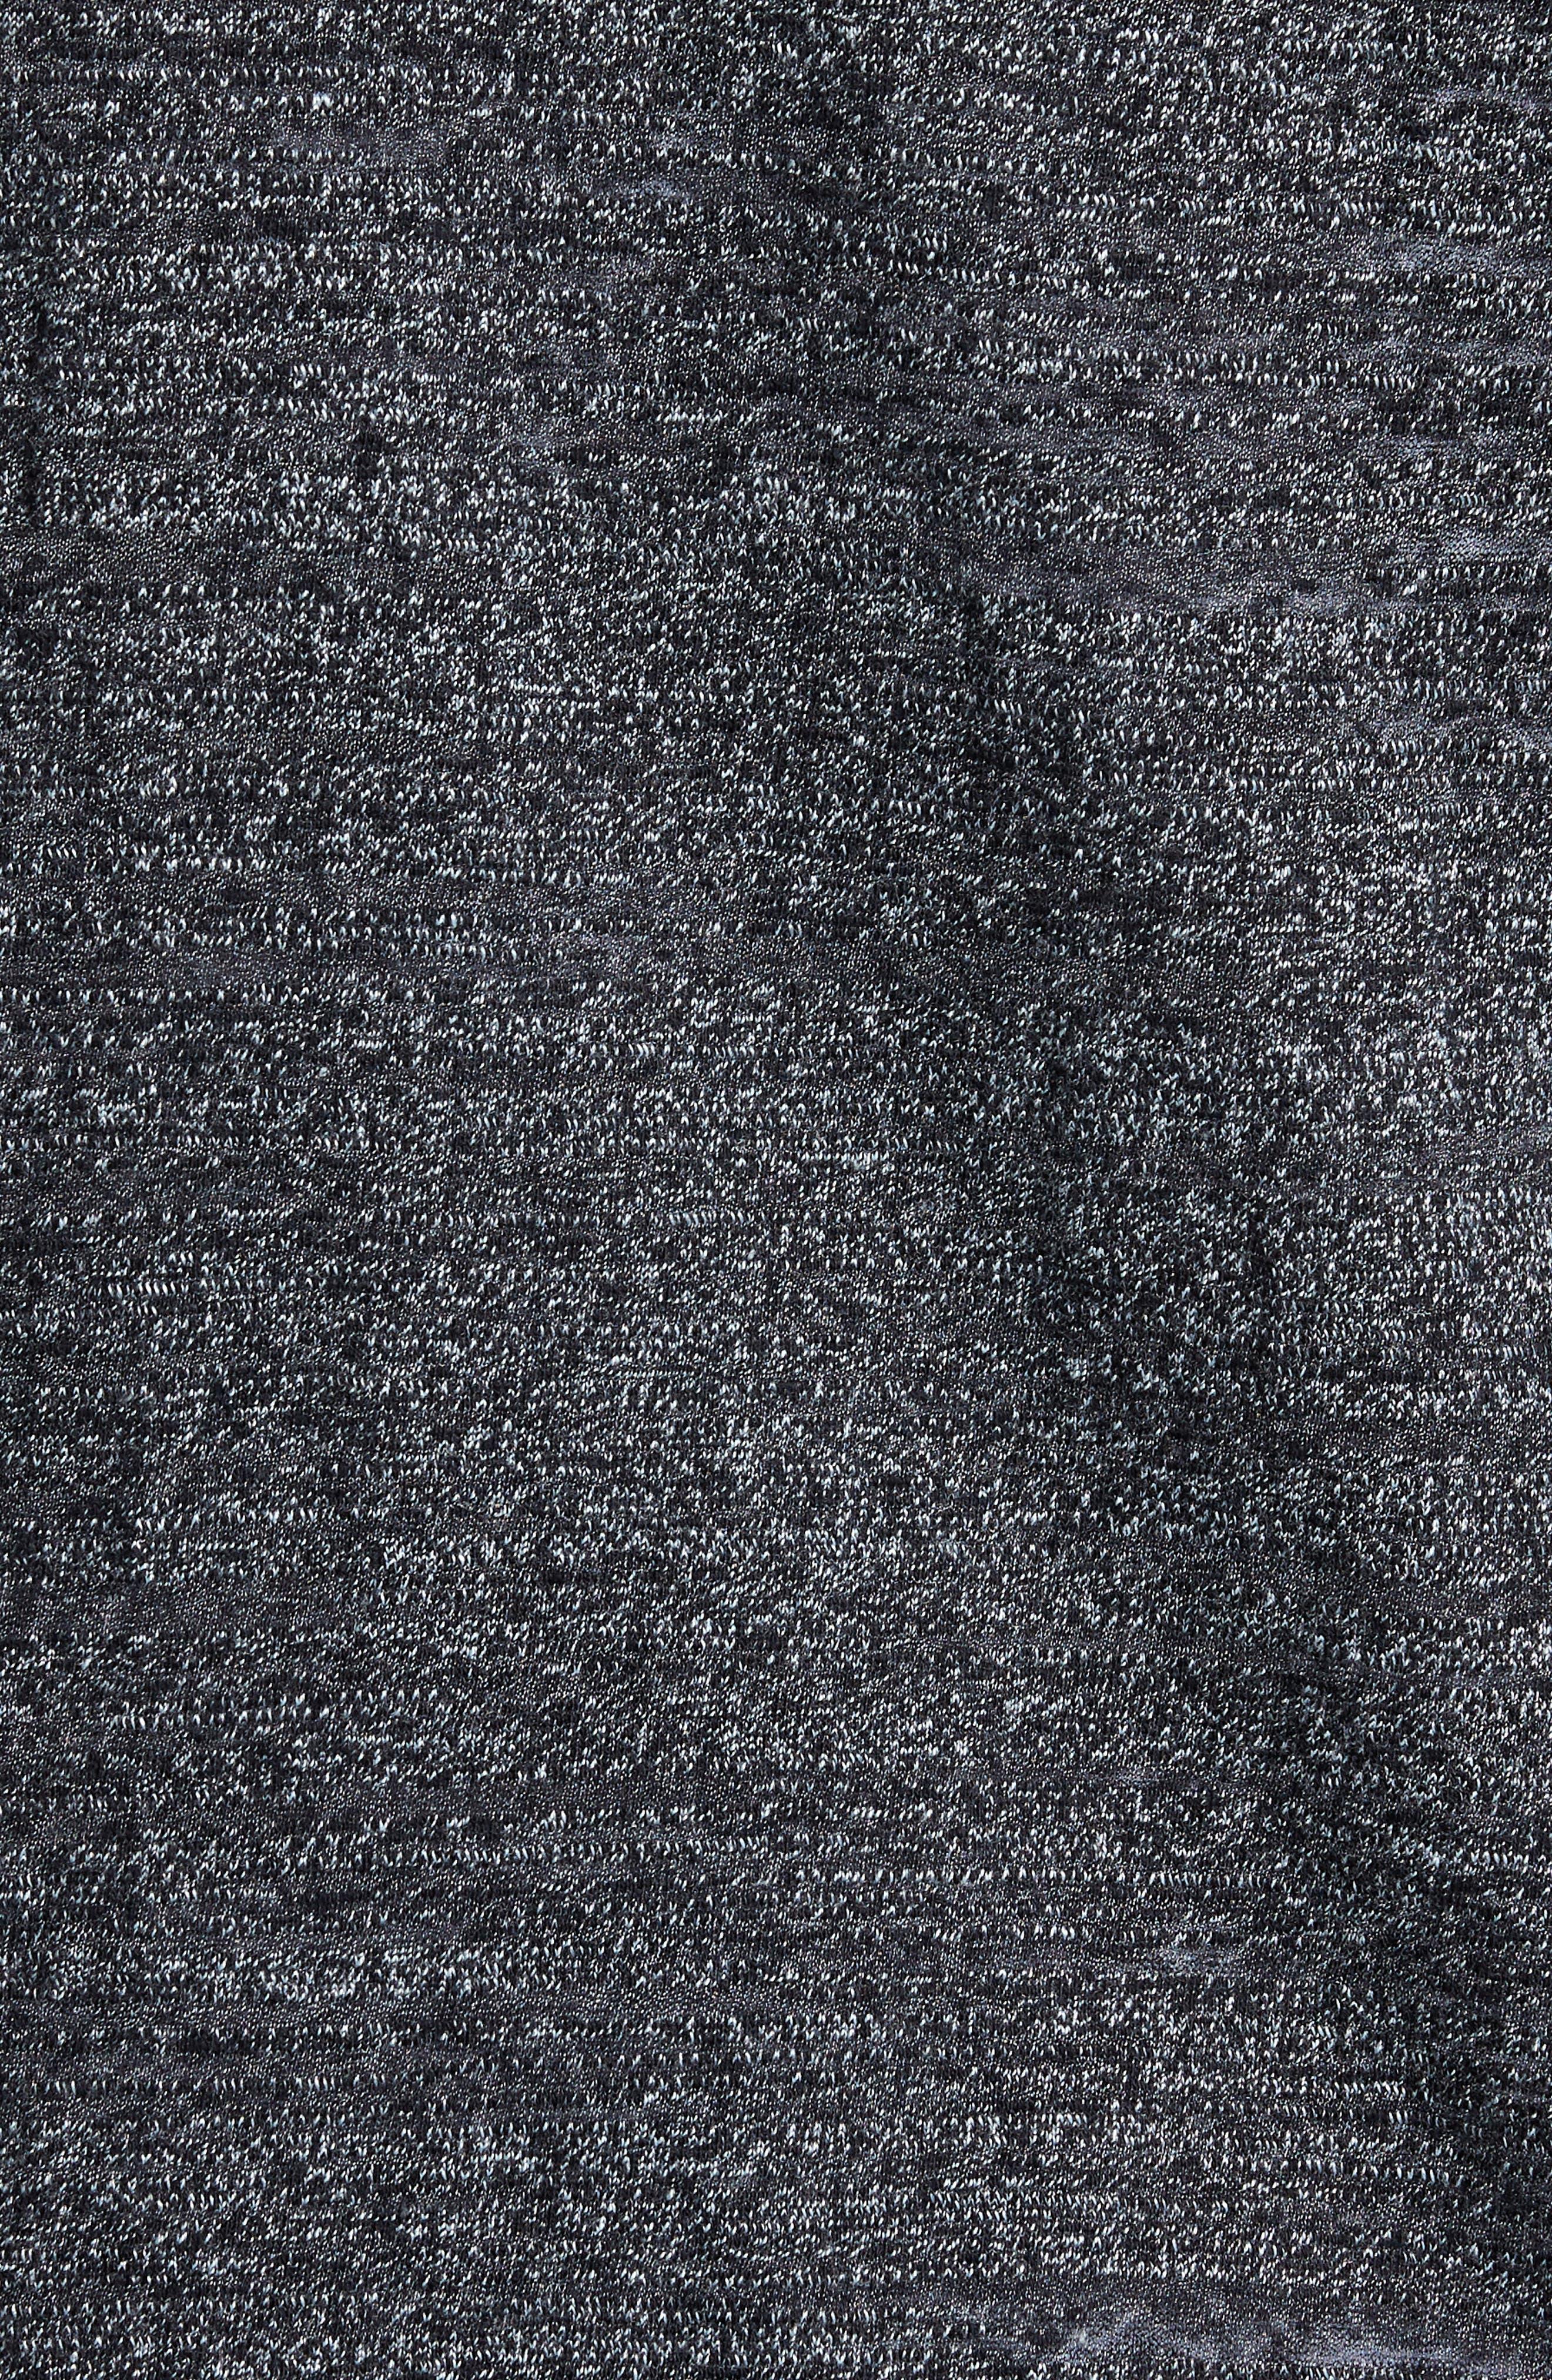 Textured Zip Fleece Sweatshirt,                             Alternate thumbnail 5, color,                             Black Melange